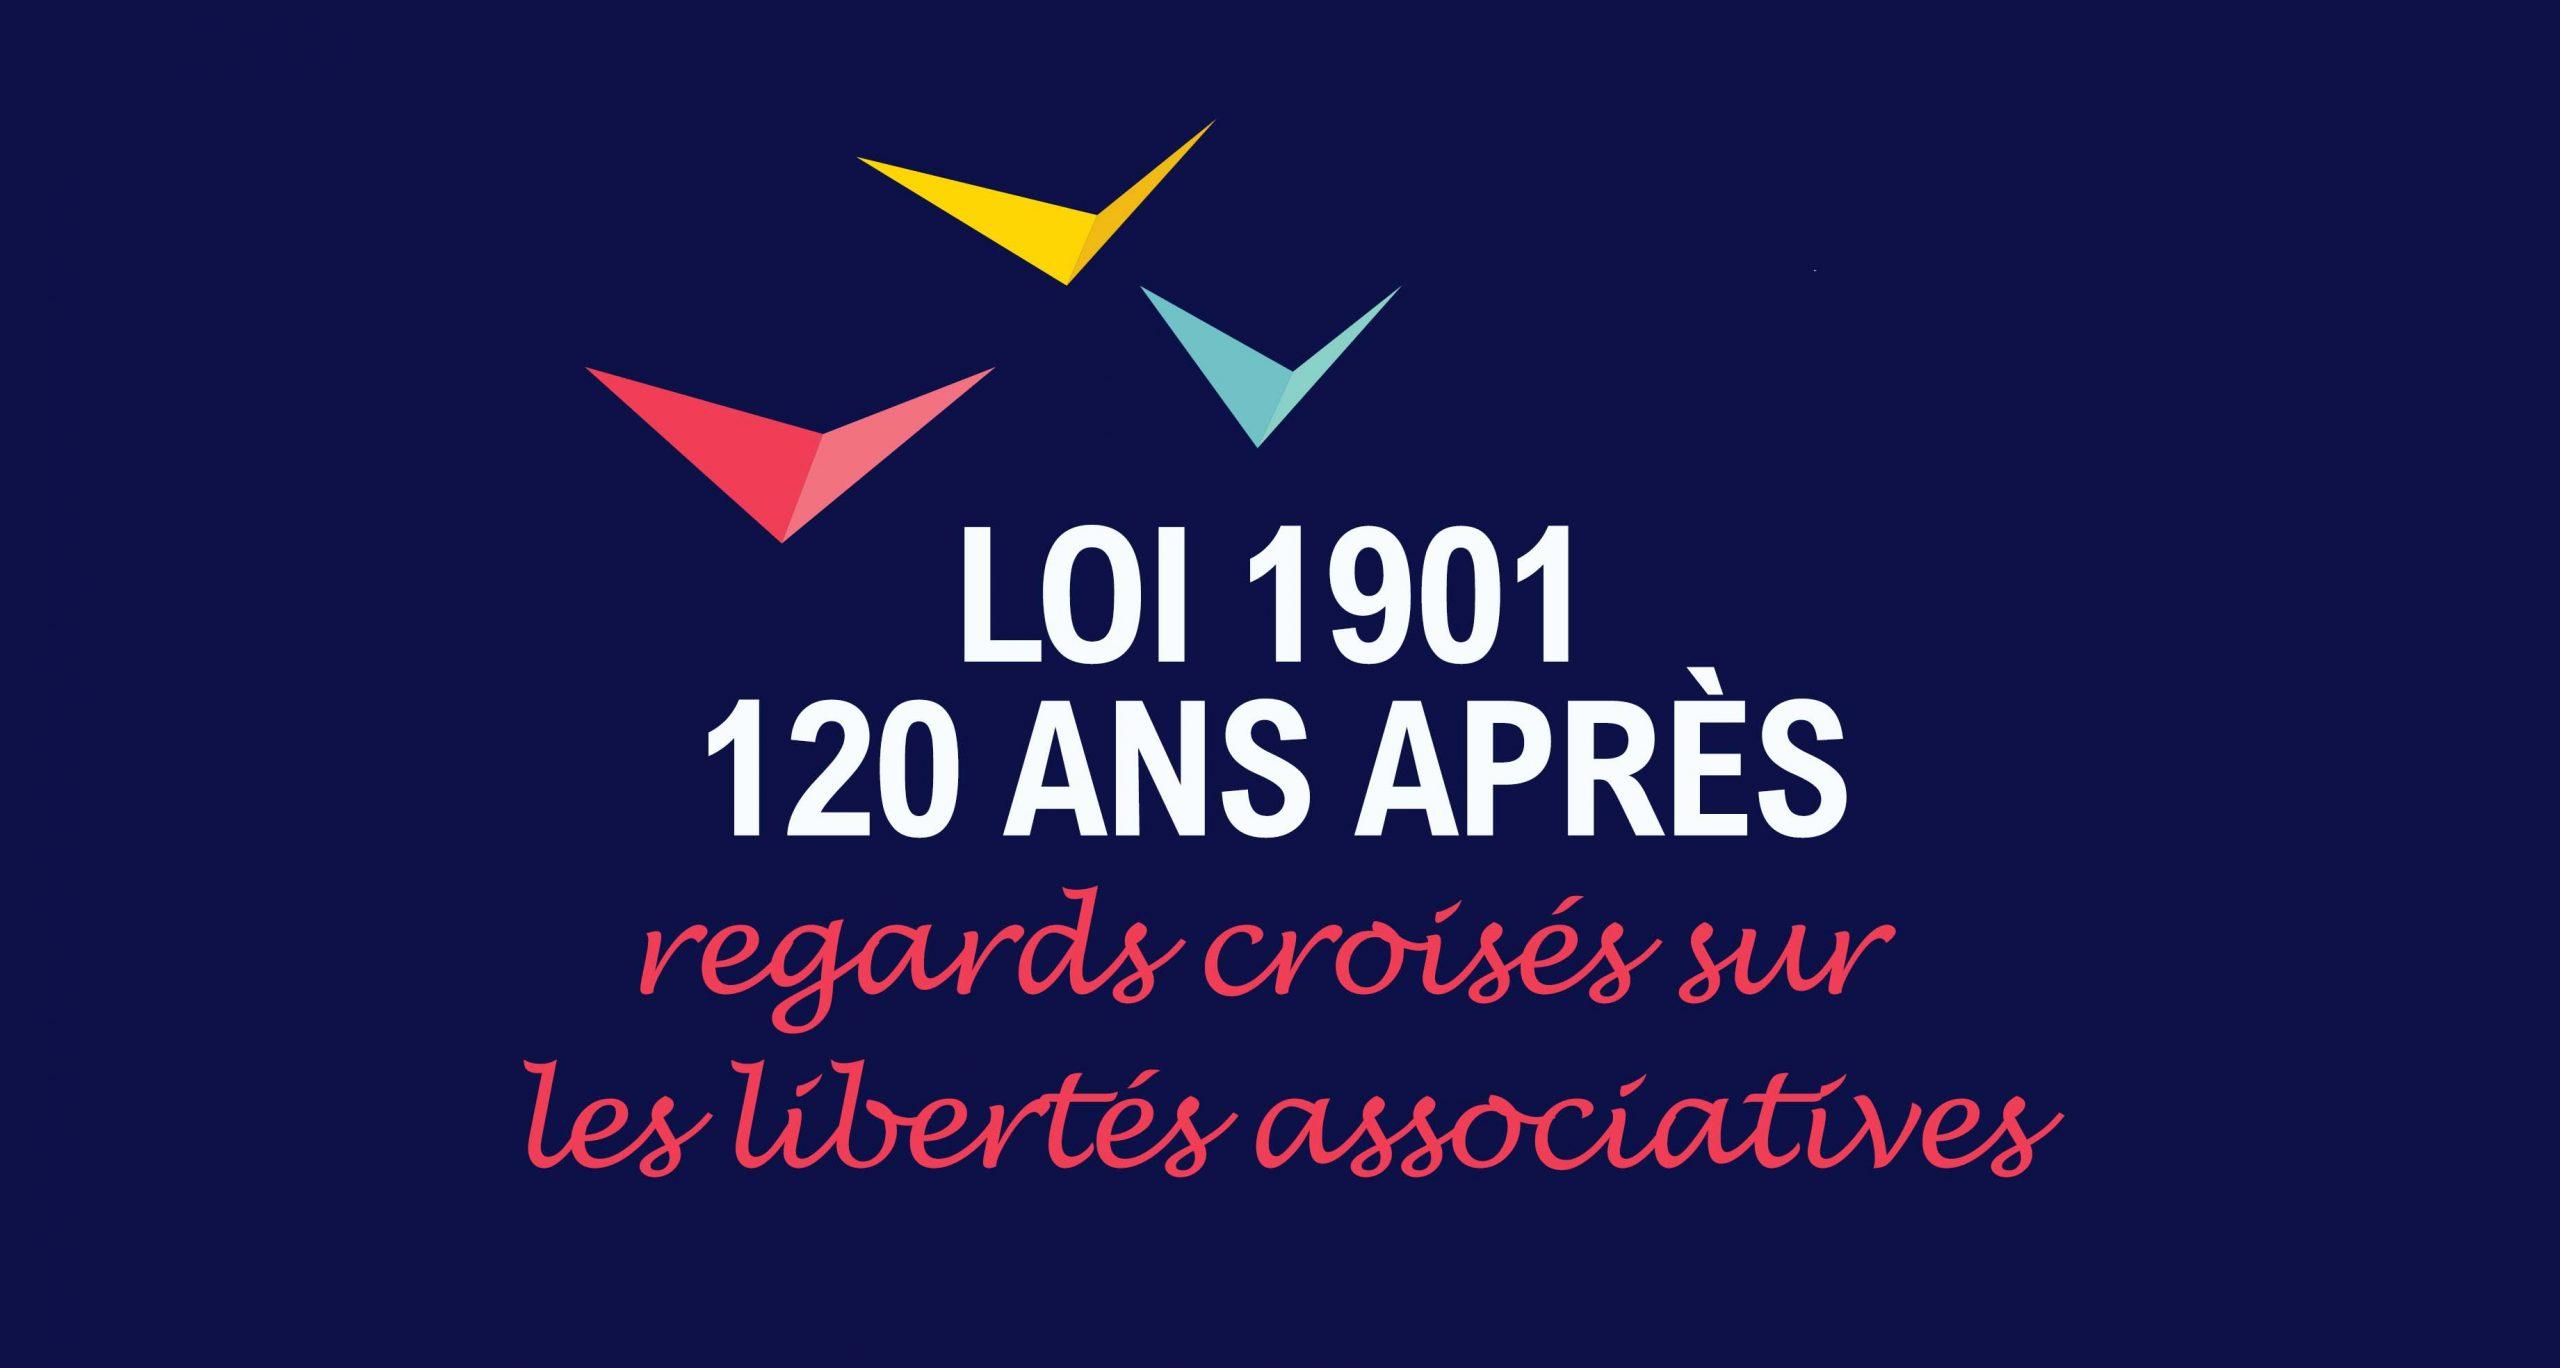 Les 120 ans de la loi 1901 : la conférence-débat